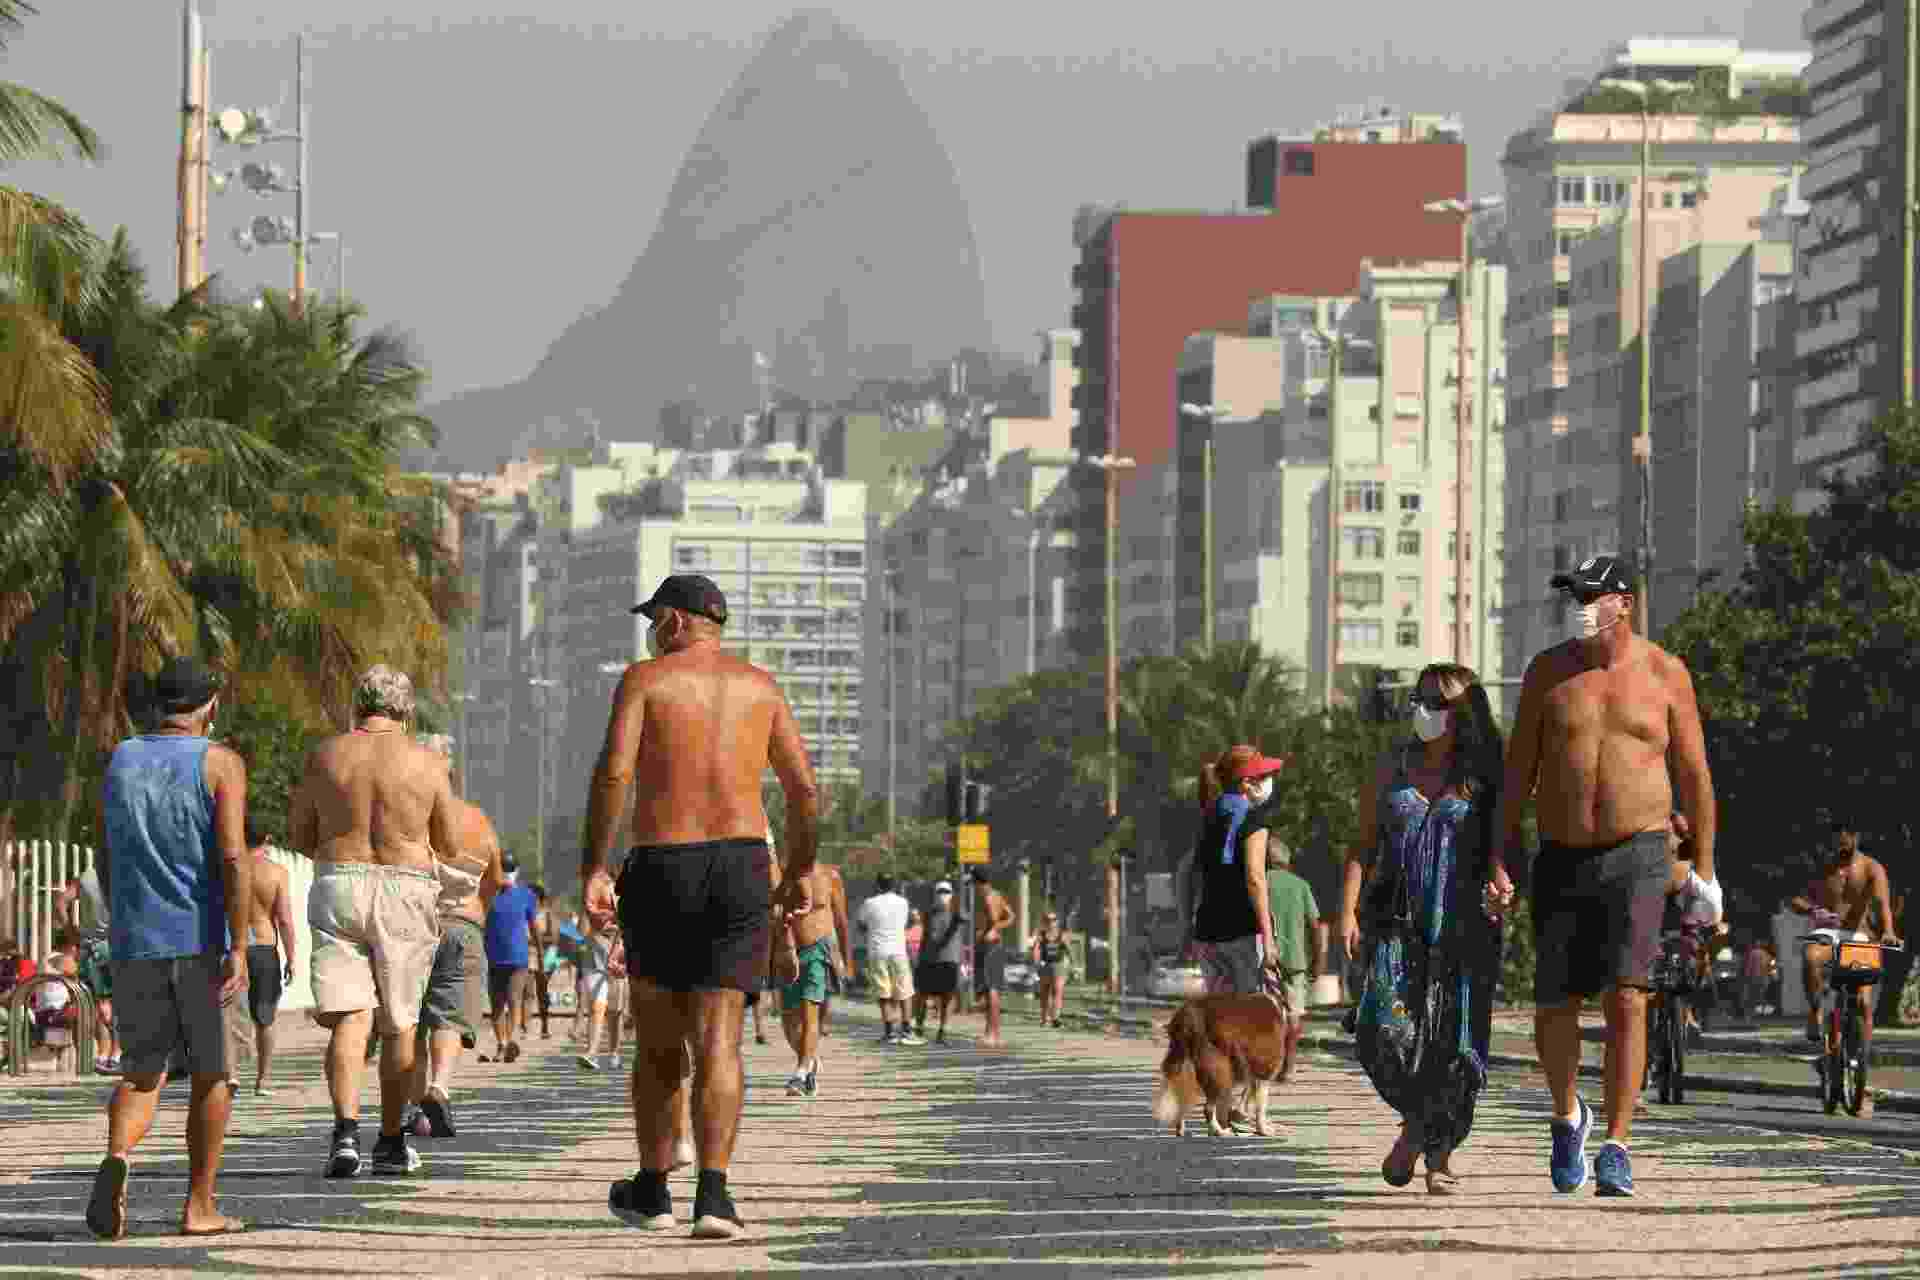 Praias e calçadão do Rio ficam movimentadas em 1º dia de flexibilização - DIKRAN JUNIOR/AGIF - AGÊNCIA DE FOTOGRAFIA/ESTADÃO CONTEÚDO